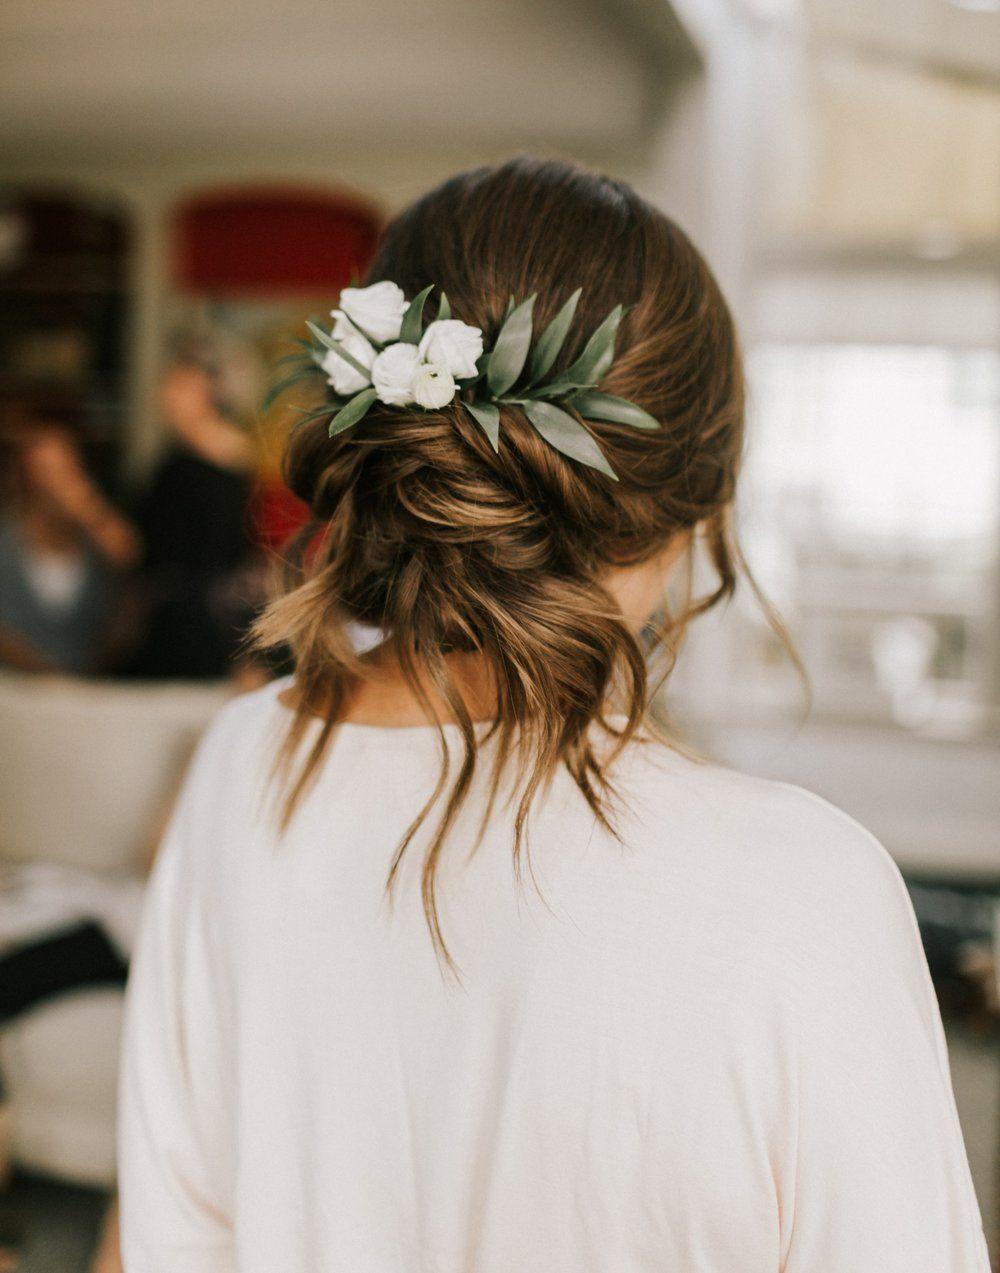 Wedding Hairstyles Short Long Brunette Blonde Everything In Between Ivory Beau In 2020 Hair Styles Short Hair Styles Short Wedding Hair